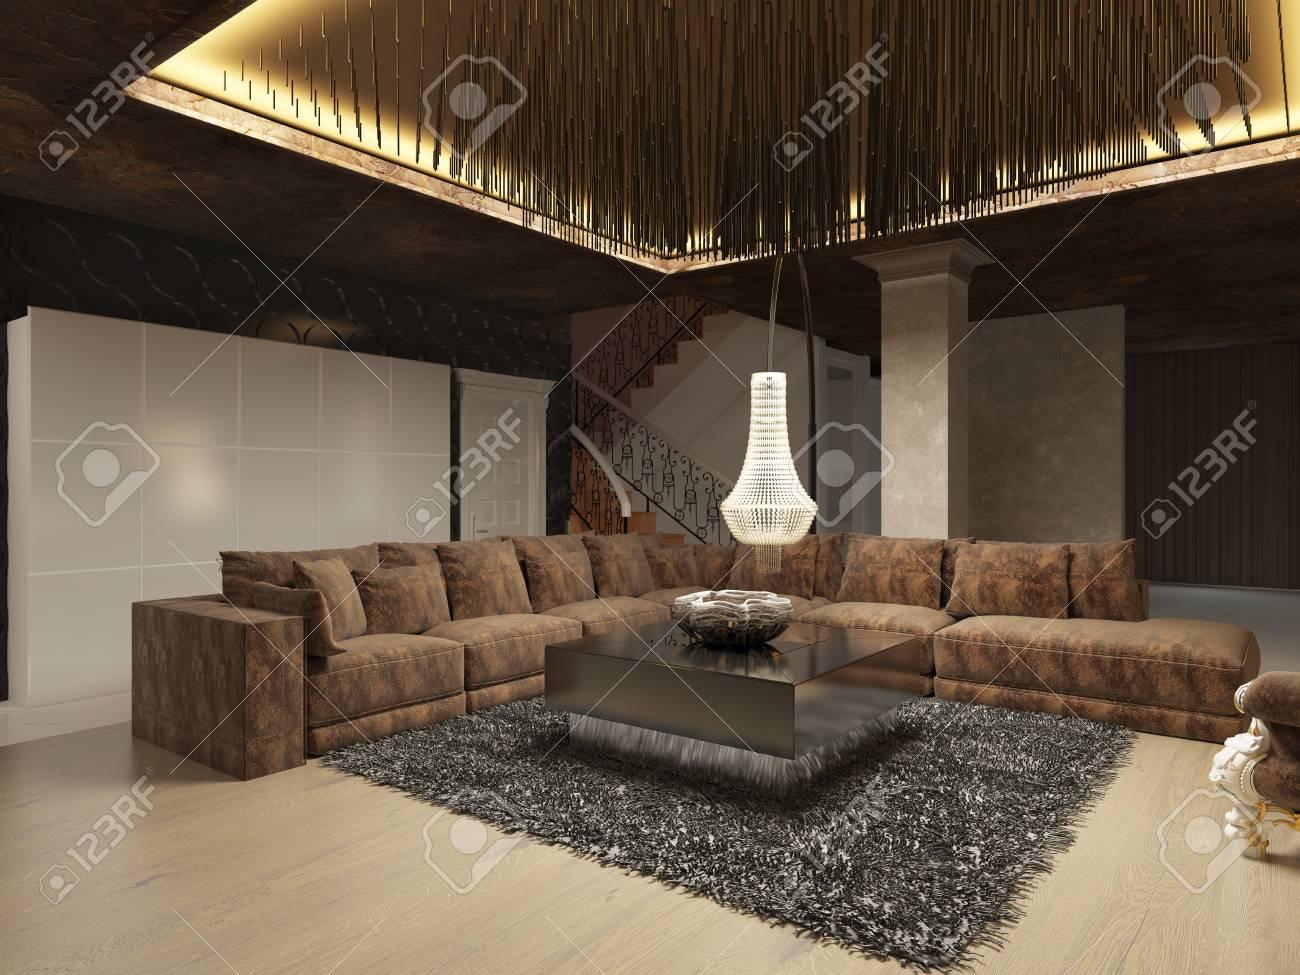 Luxus Modernes Wohnzimmer Im Art Deco Stil In Dunklen Brauntönen . Das  Design Ist